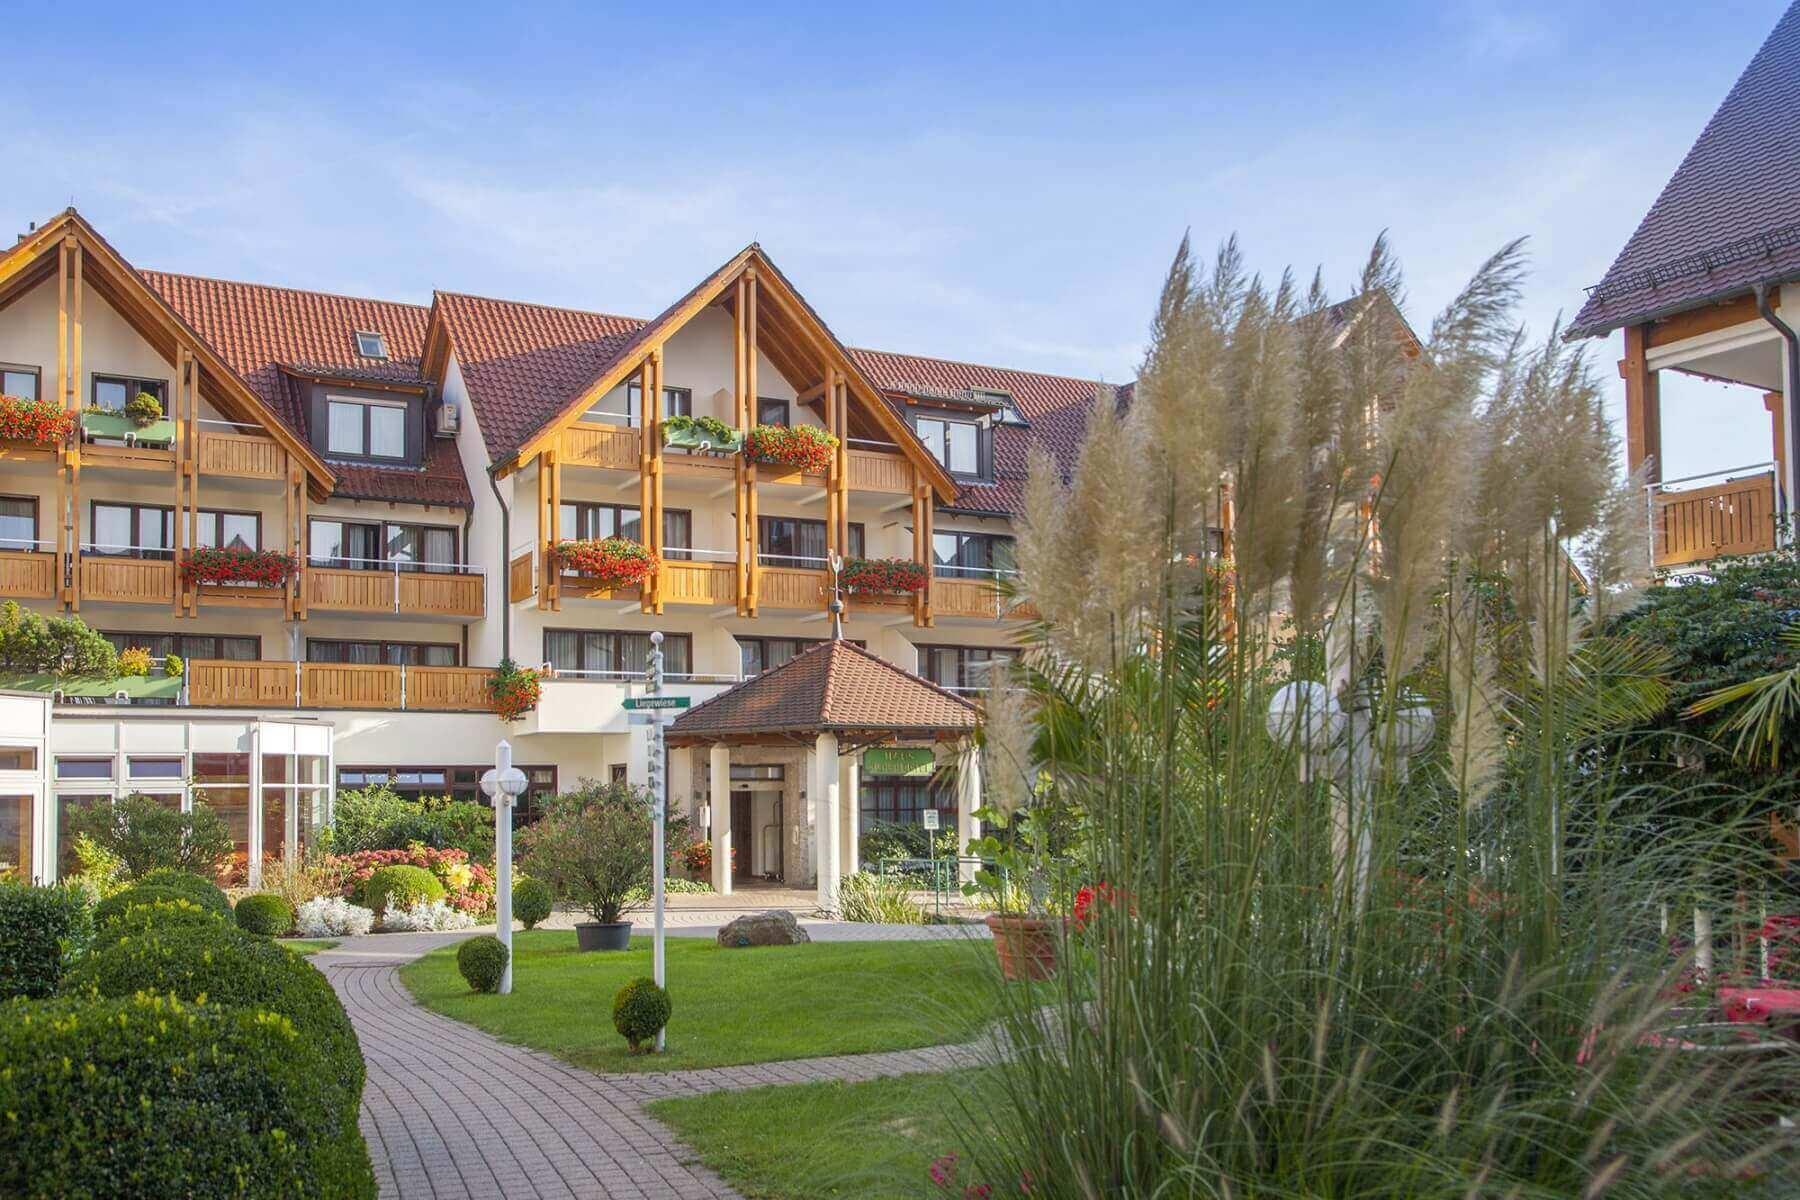 Bodensee Hotel Friedrichshafen Am Bodensee Schnetzenhausen